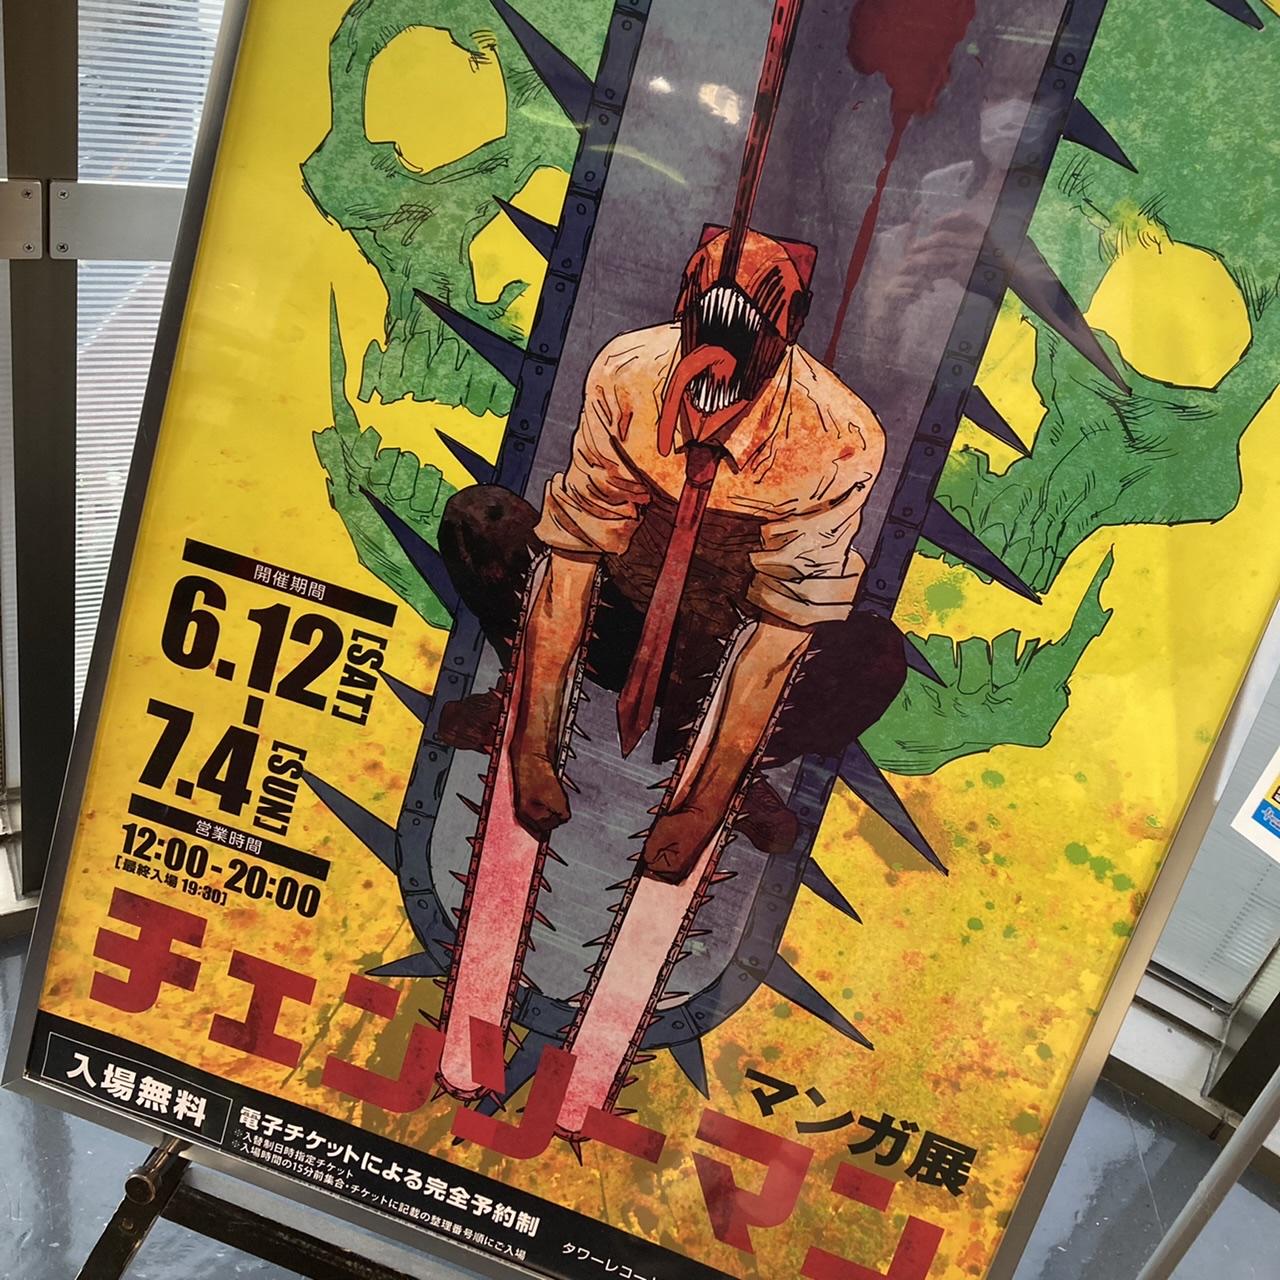 【週刊少年ジャンプ】【アニメ化決定】チェンソーマン展に行ってきた!_2